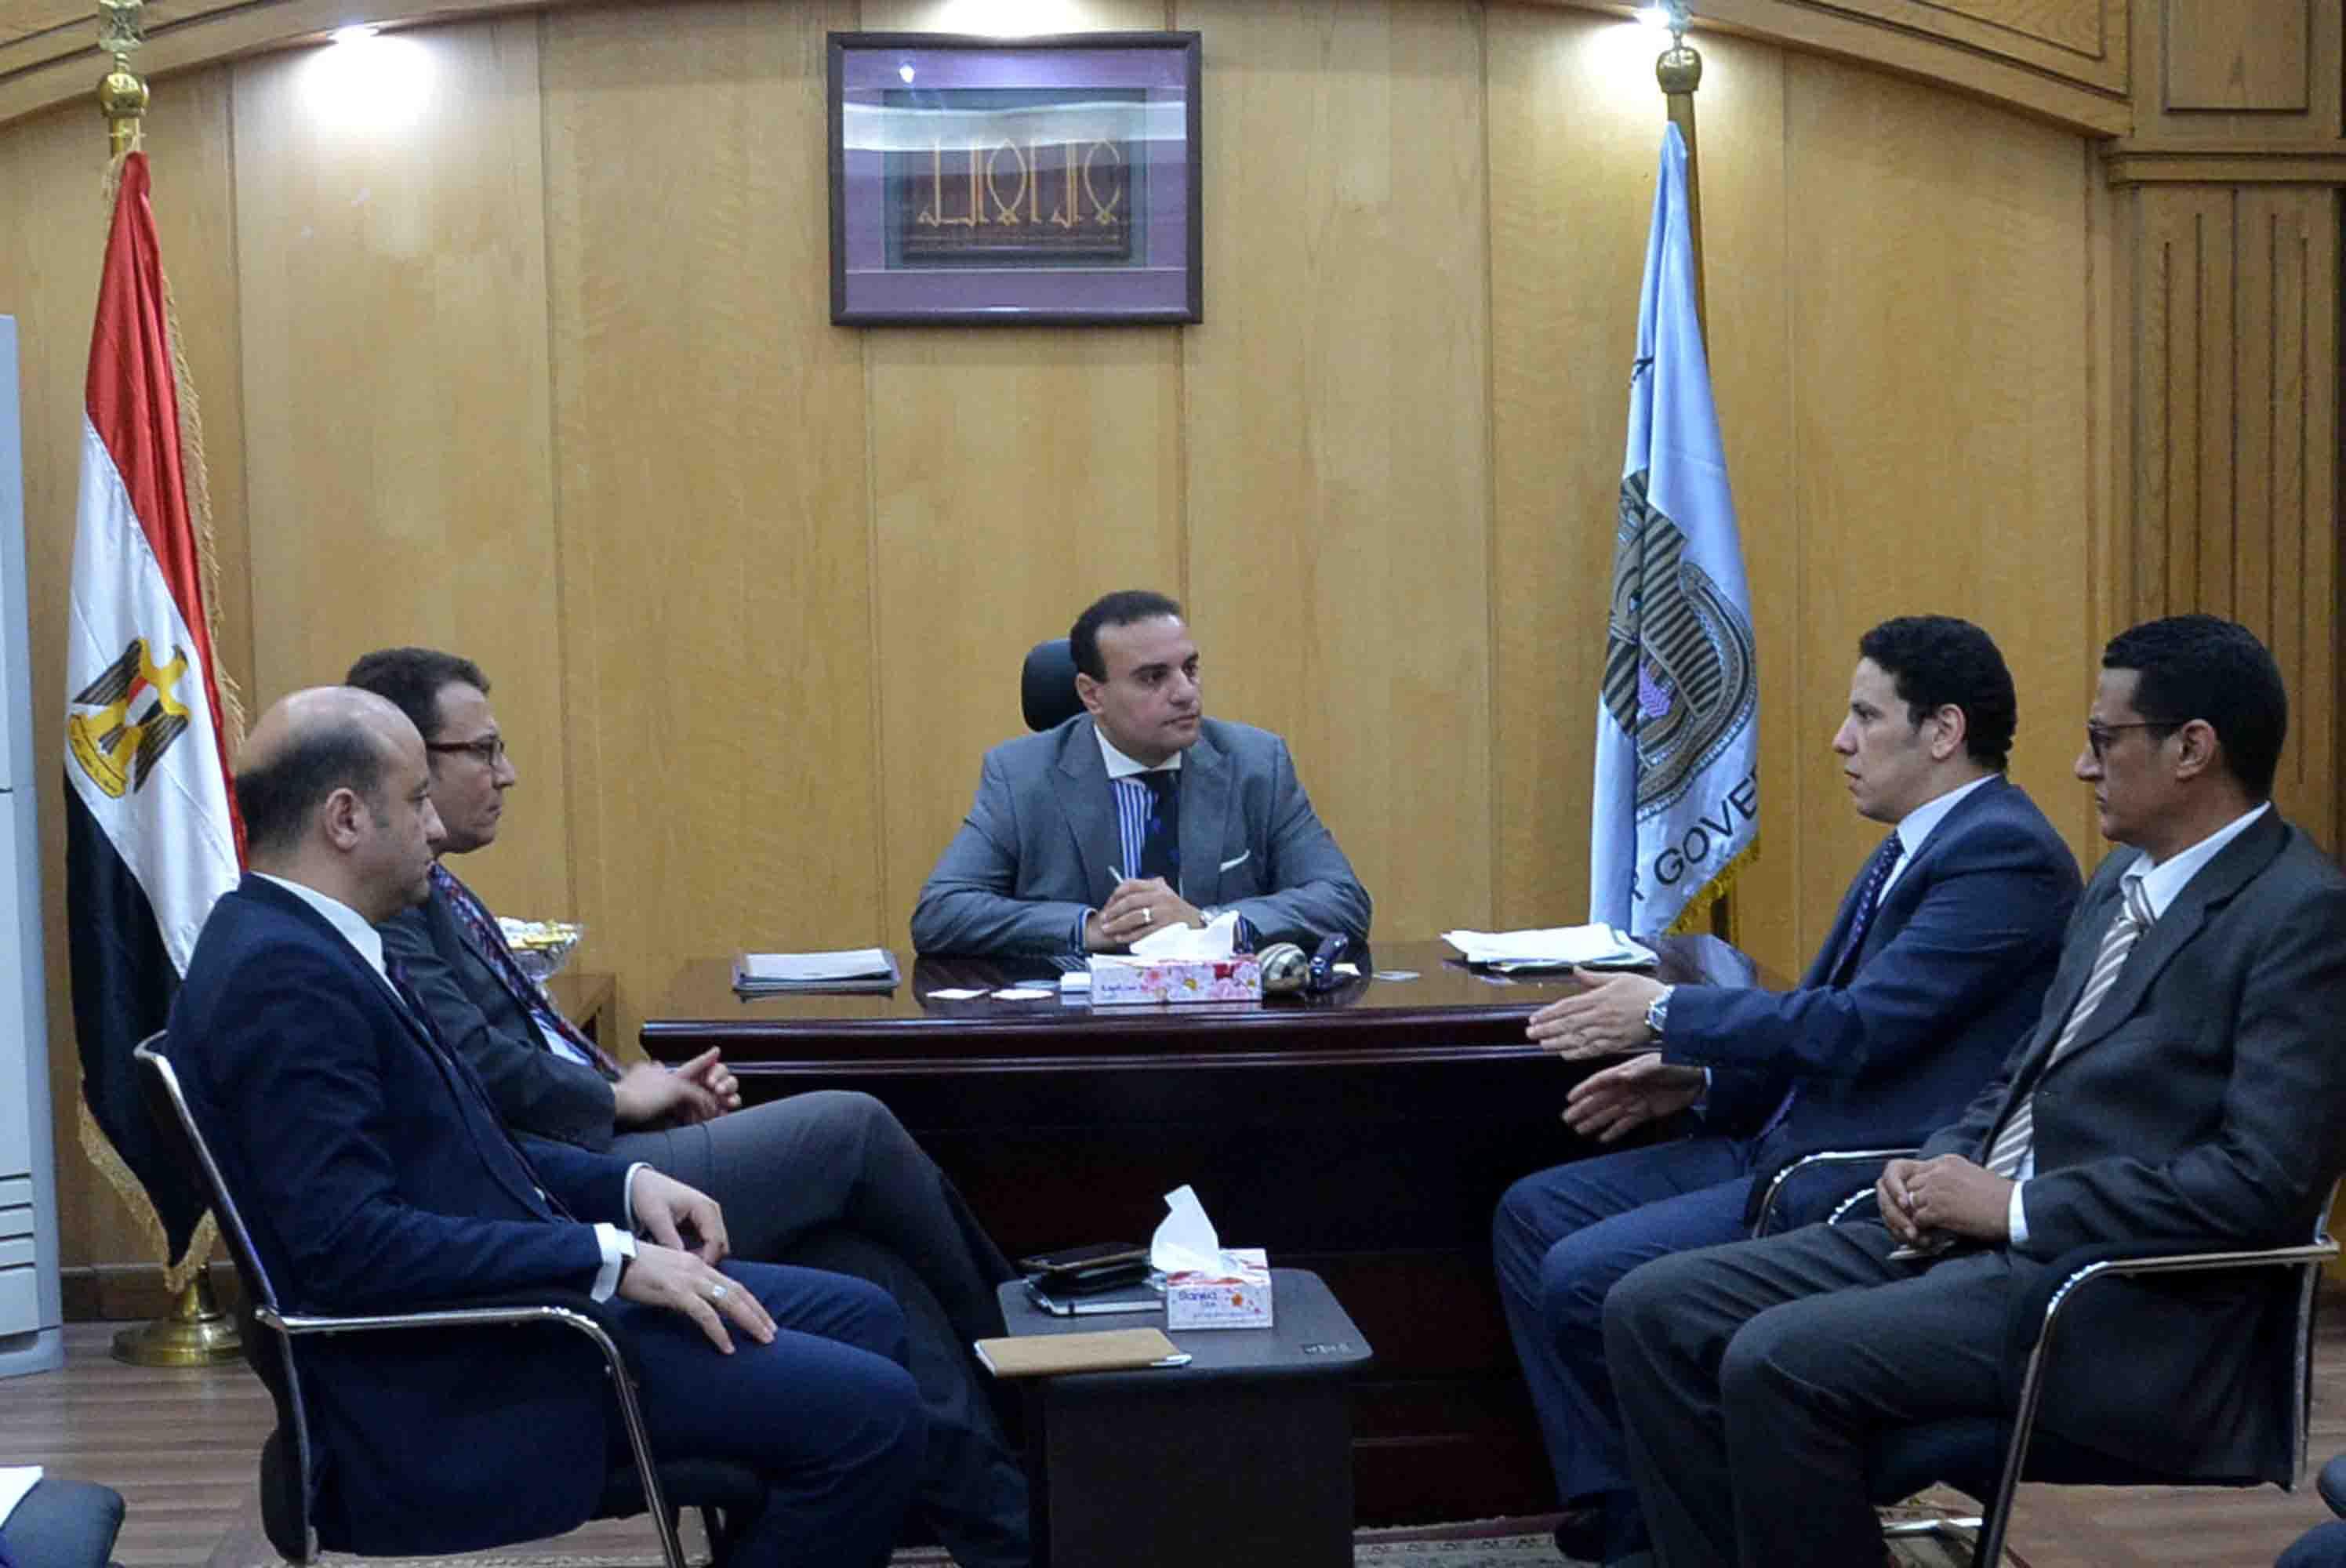 cd95c2a70 أخر كلام | مساعد وزير الاتصالات يلتقى نائب محافظ الأقصر لبحث ميكنة الإدارات